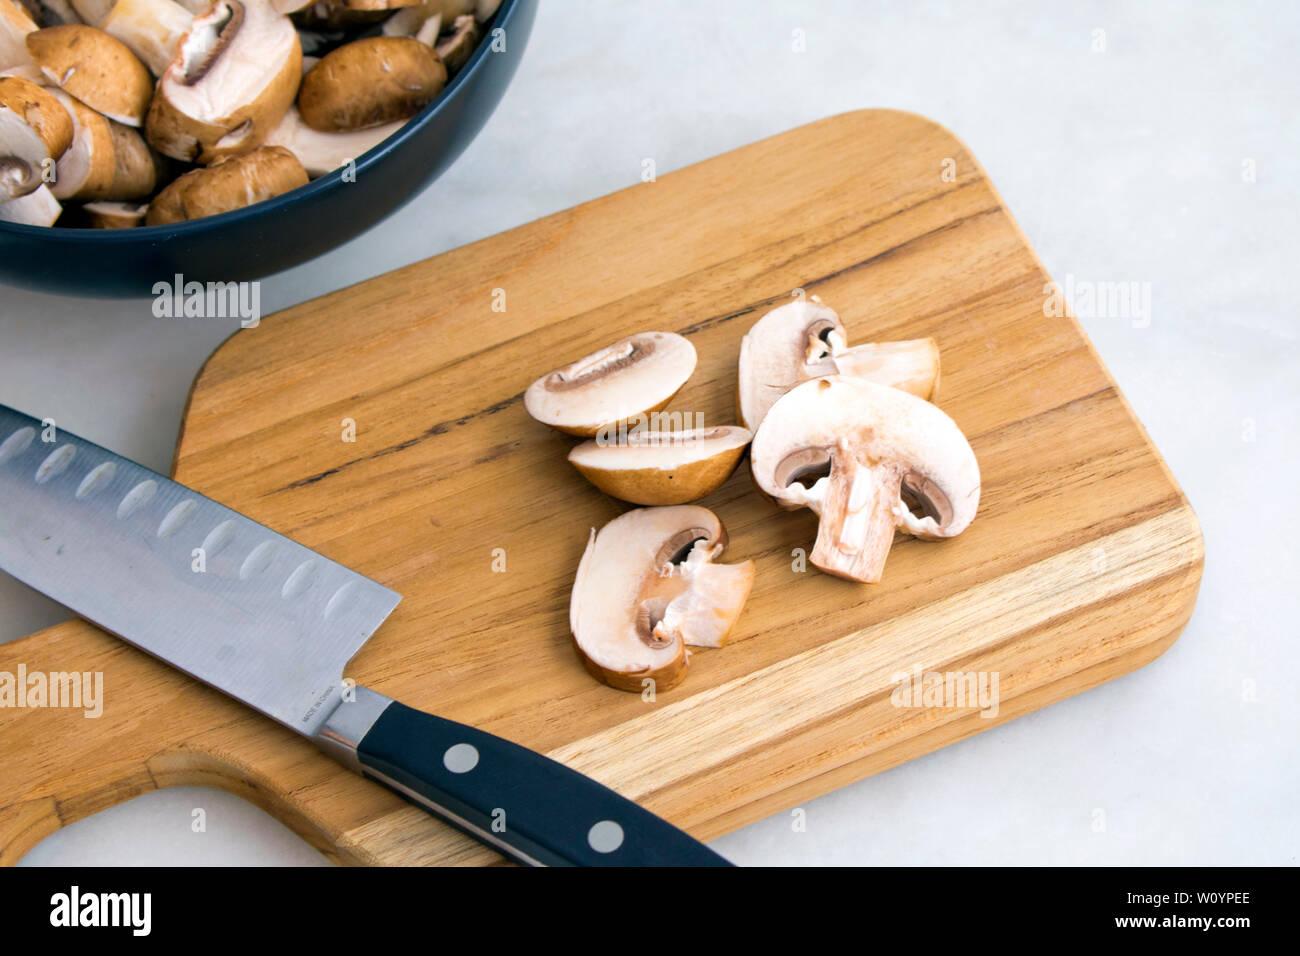 Slicing Cremini Mushrooms on a Wood Cutting Board - Stock Image